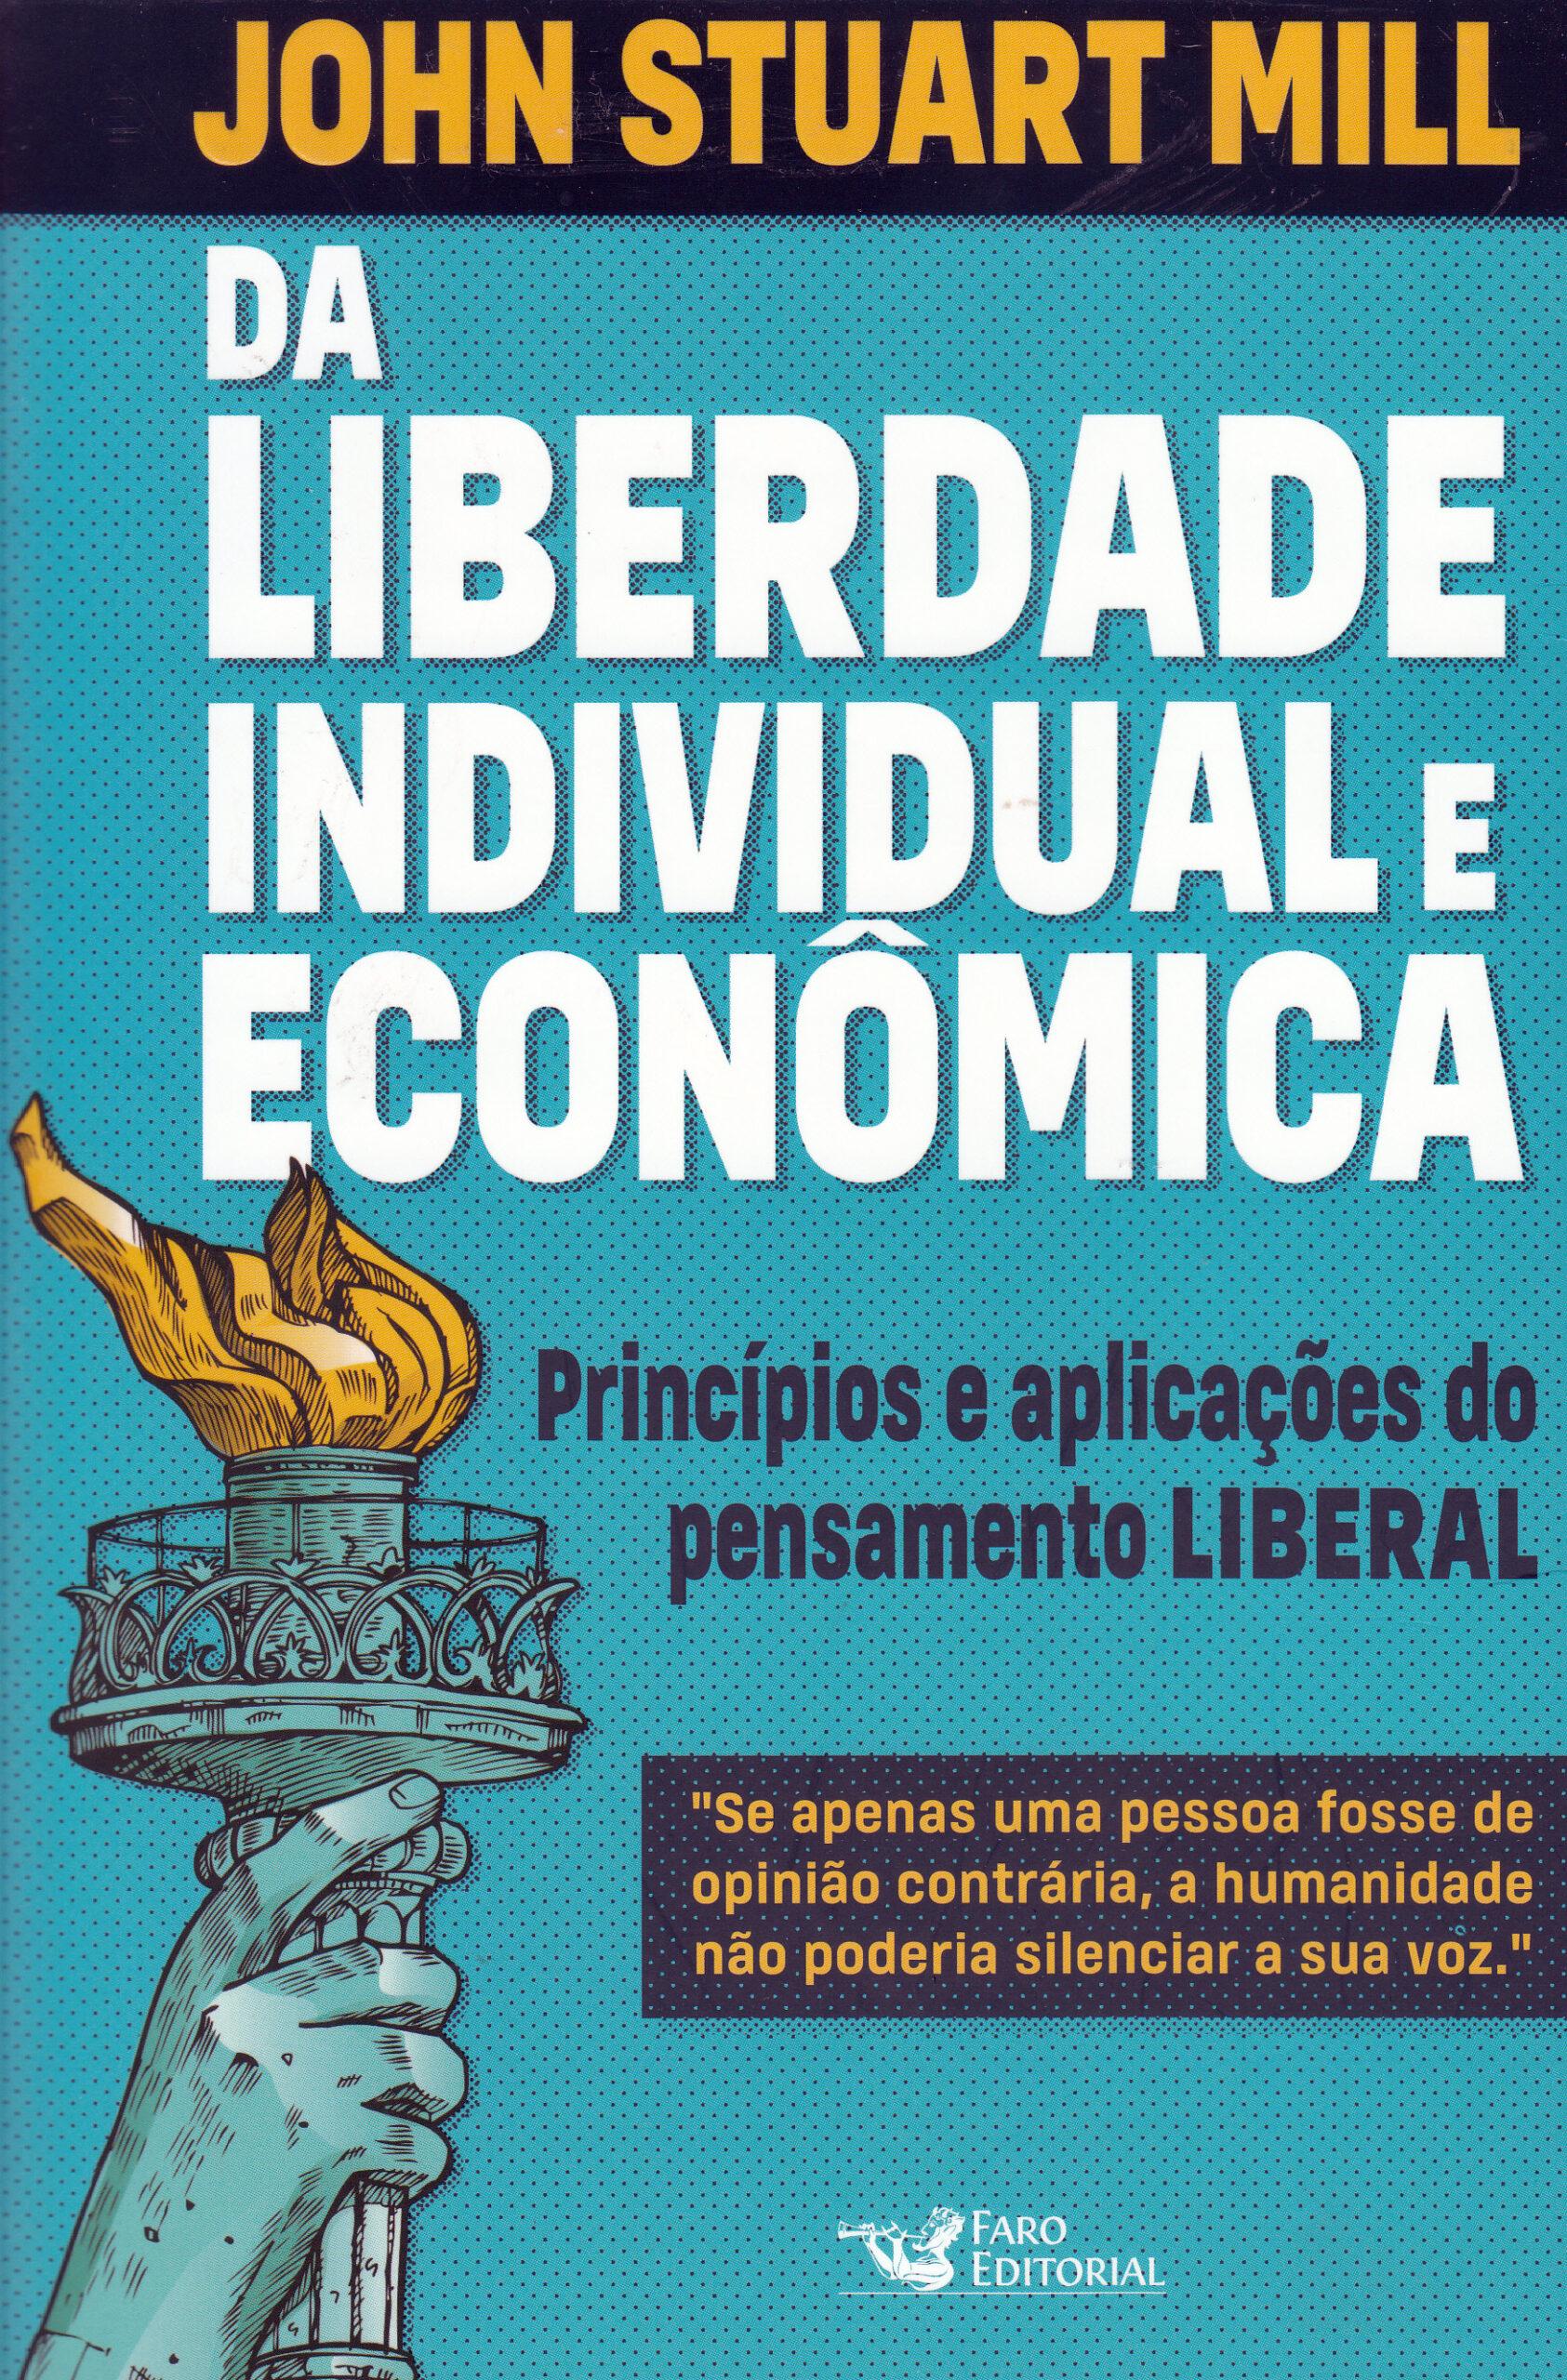 Resumo do livro Da Liberdade Individual e Econômica – Princípios e aplicações do pensamento liberal